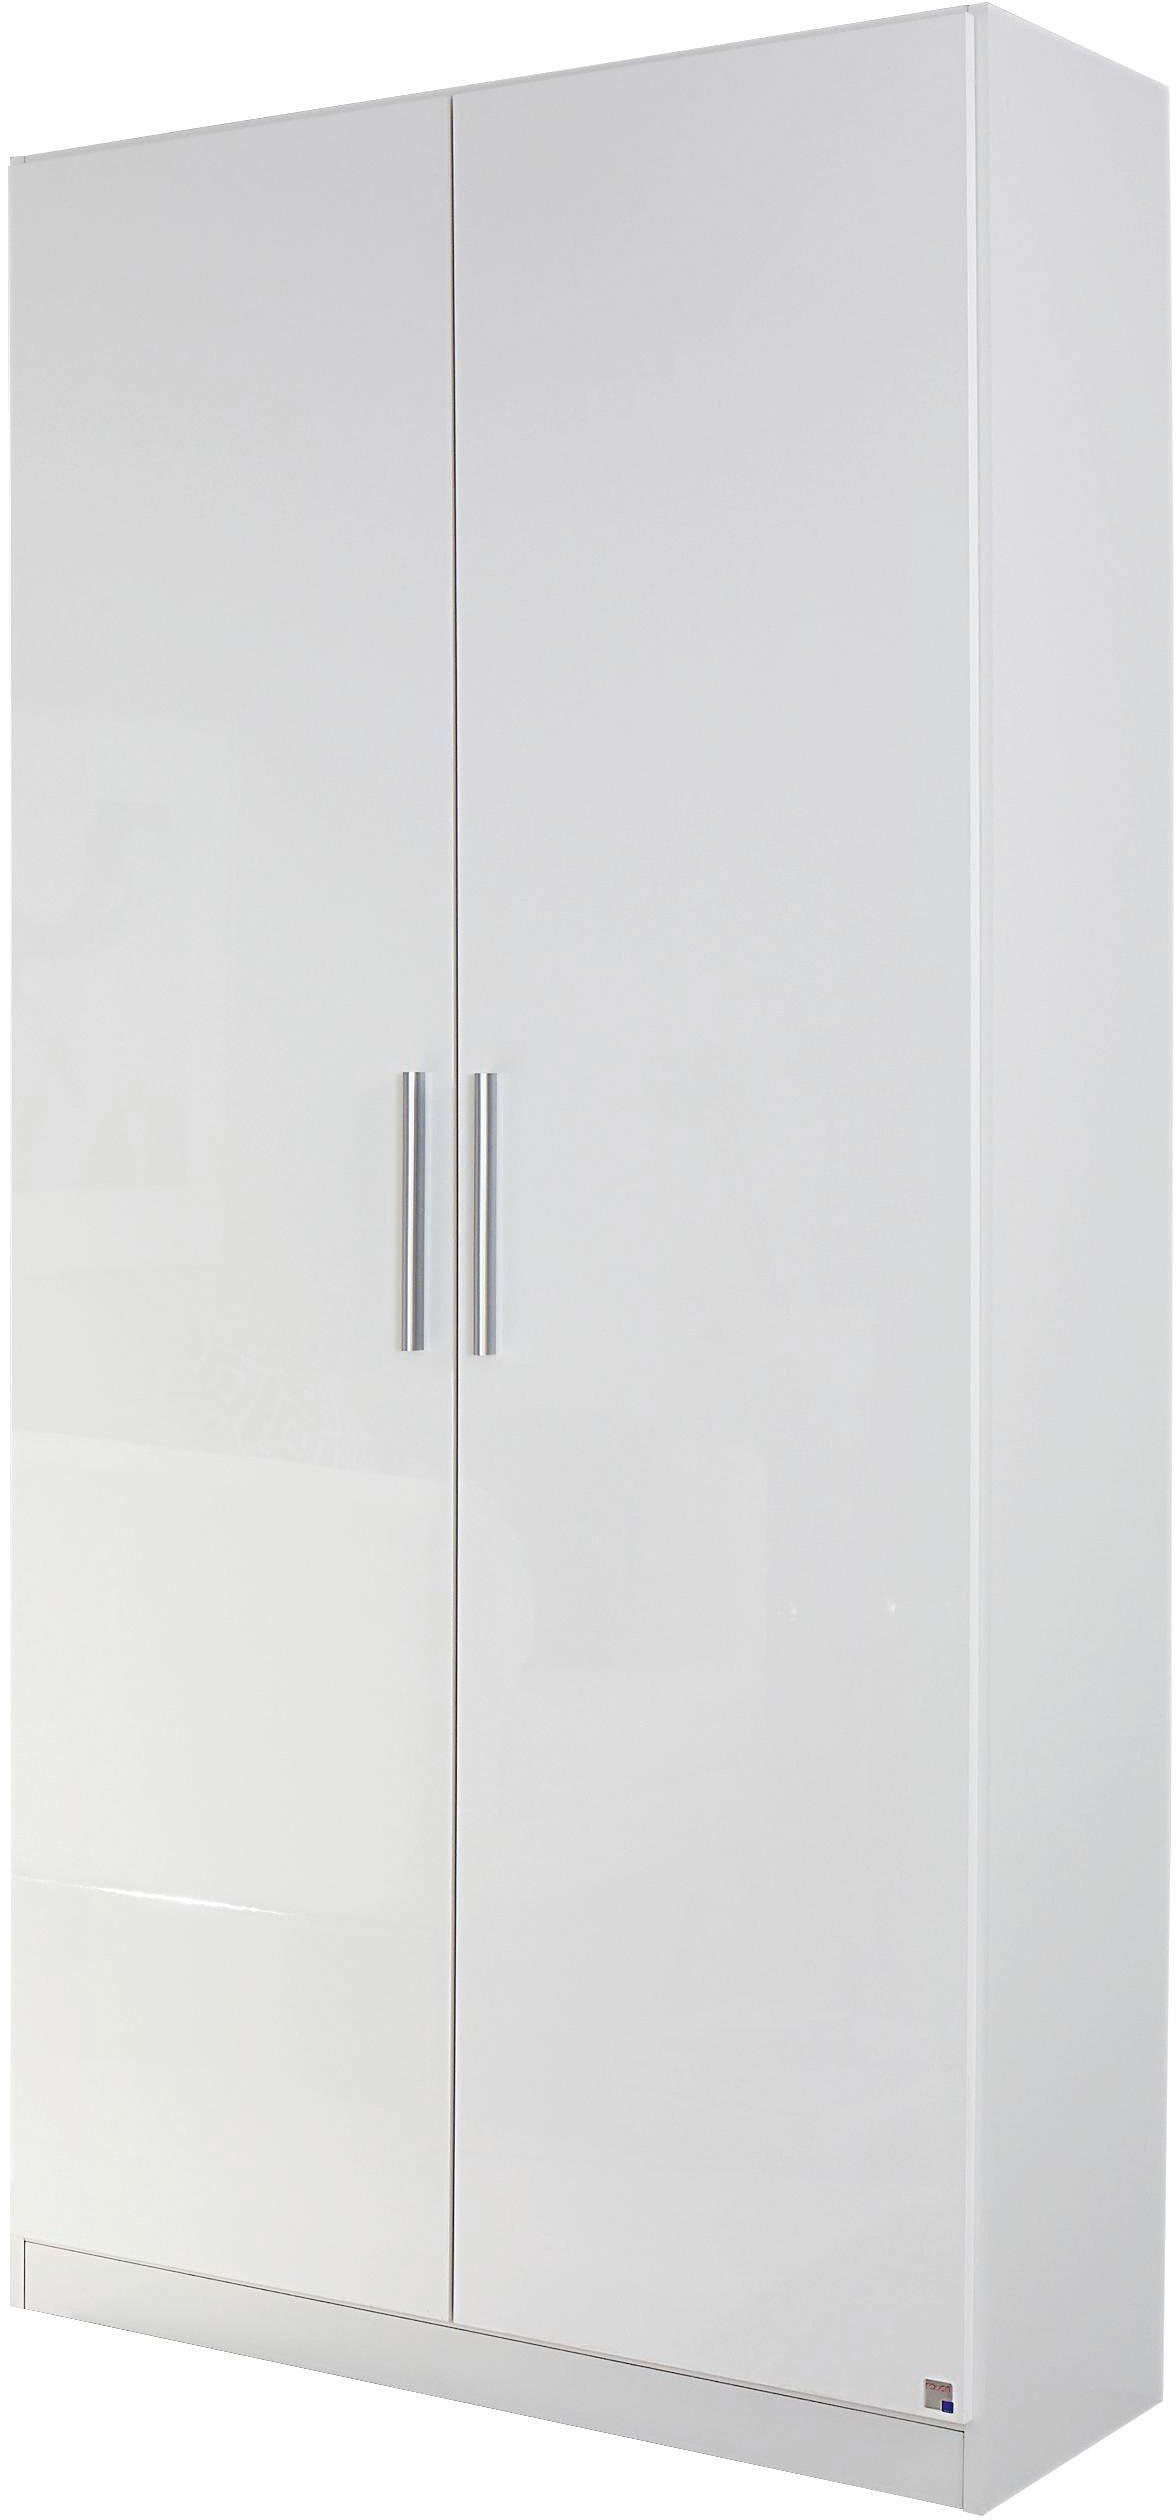 rauch Garderobenschrank »Minosa«, Breite 91 cm | Flur & Diele > Garderoben > Garderobenschränke | Weiß | Melamin | rauch